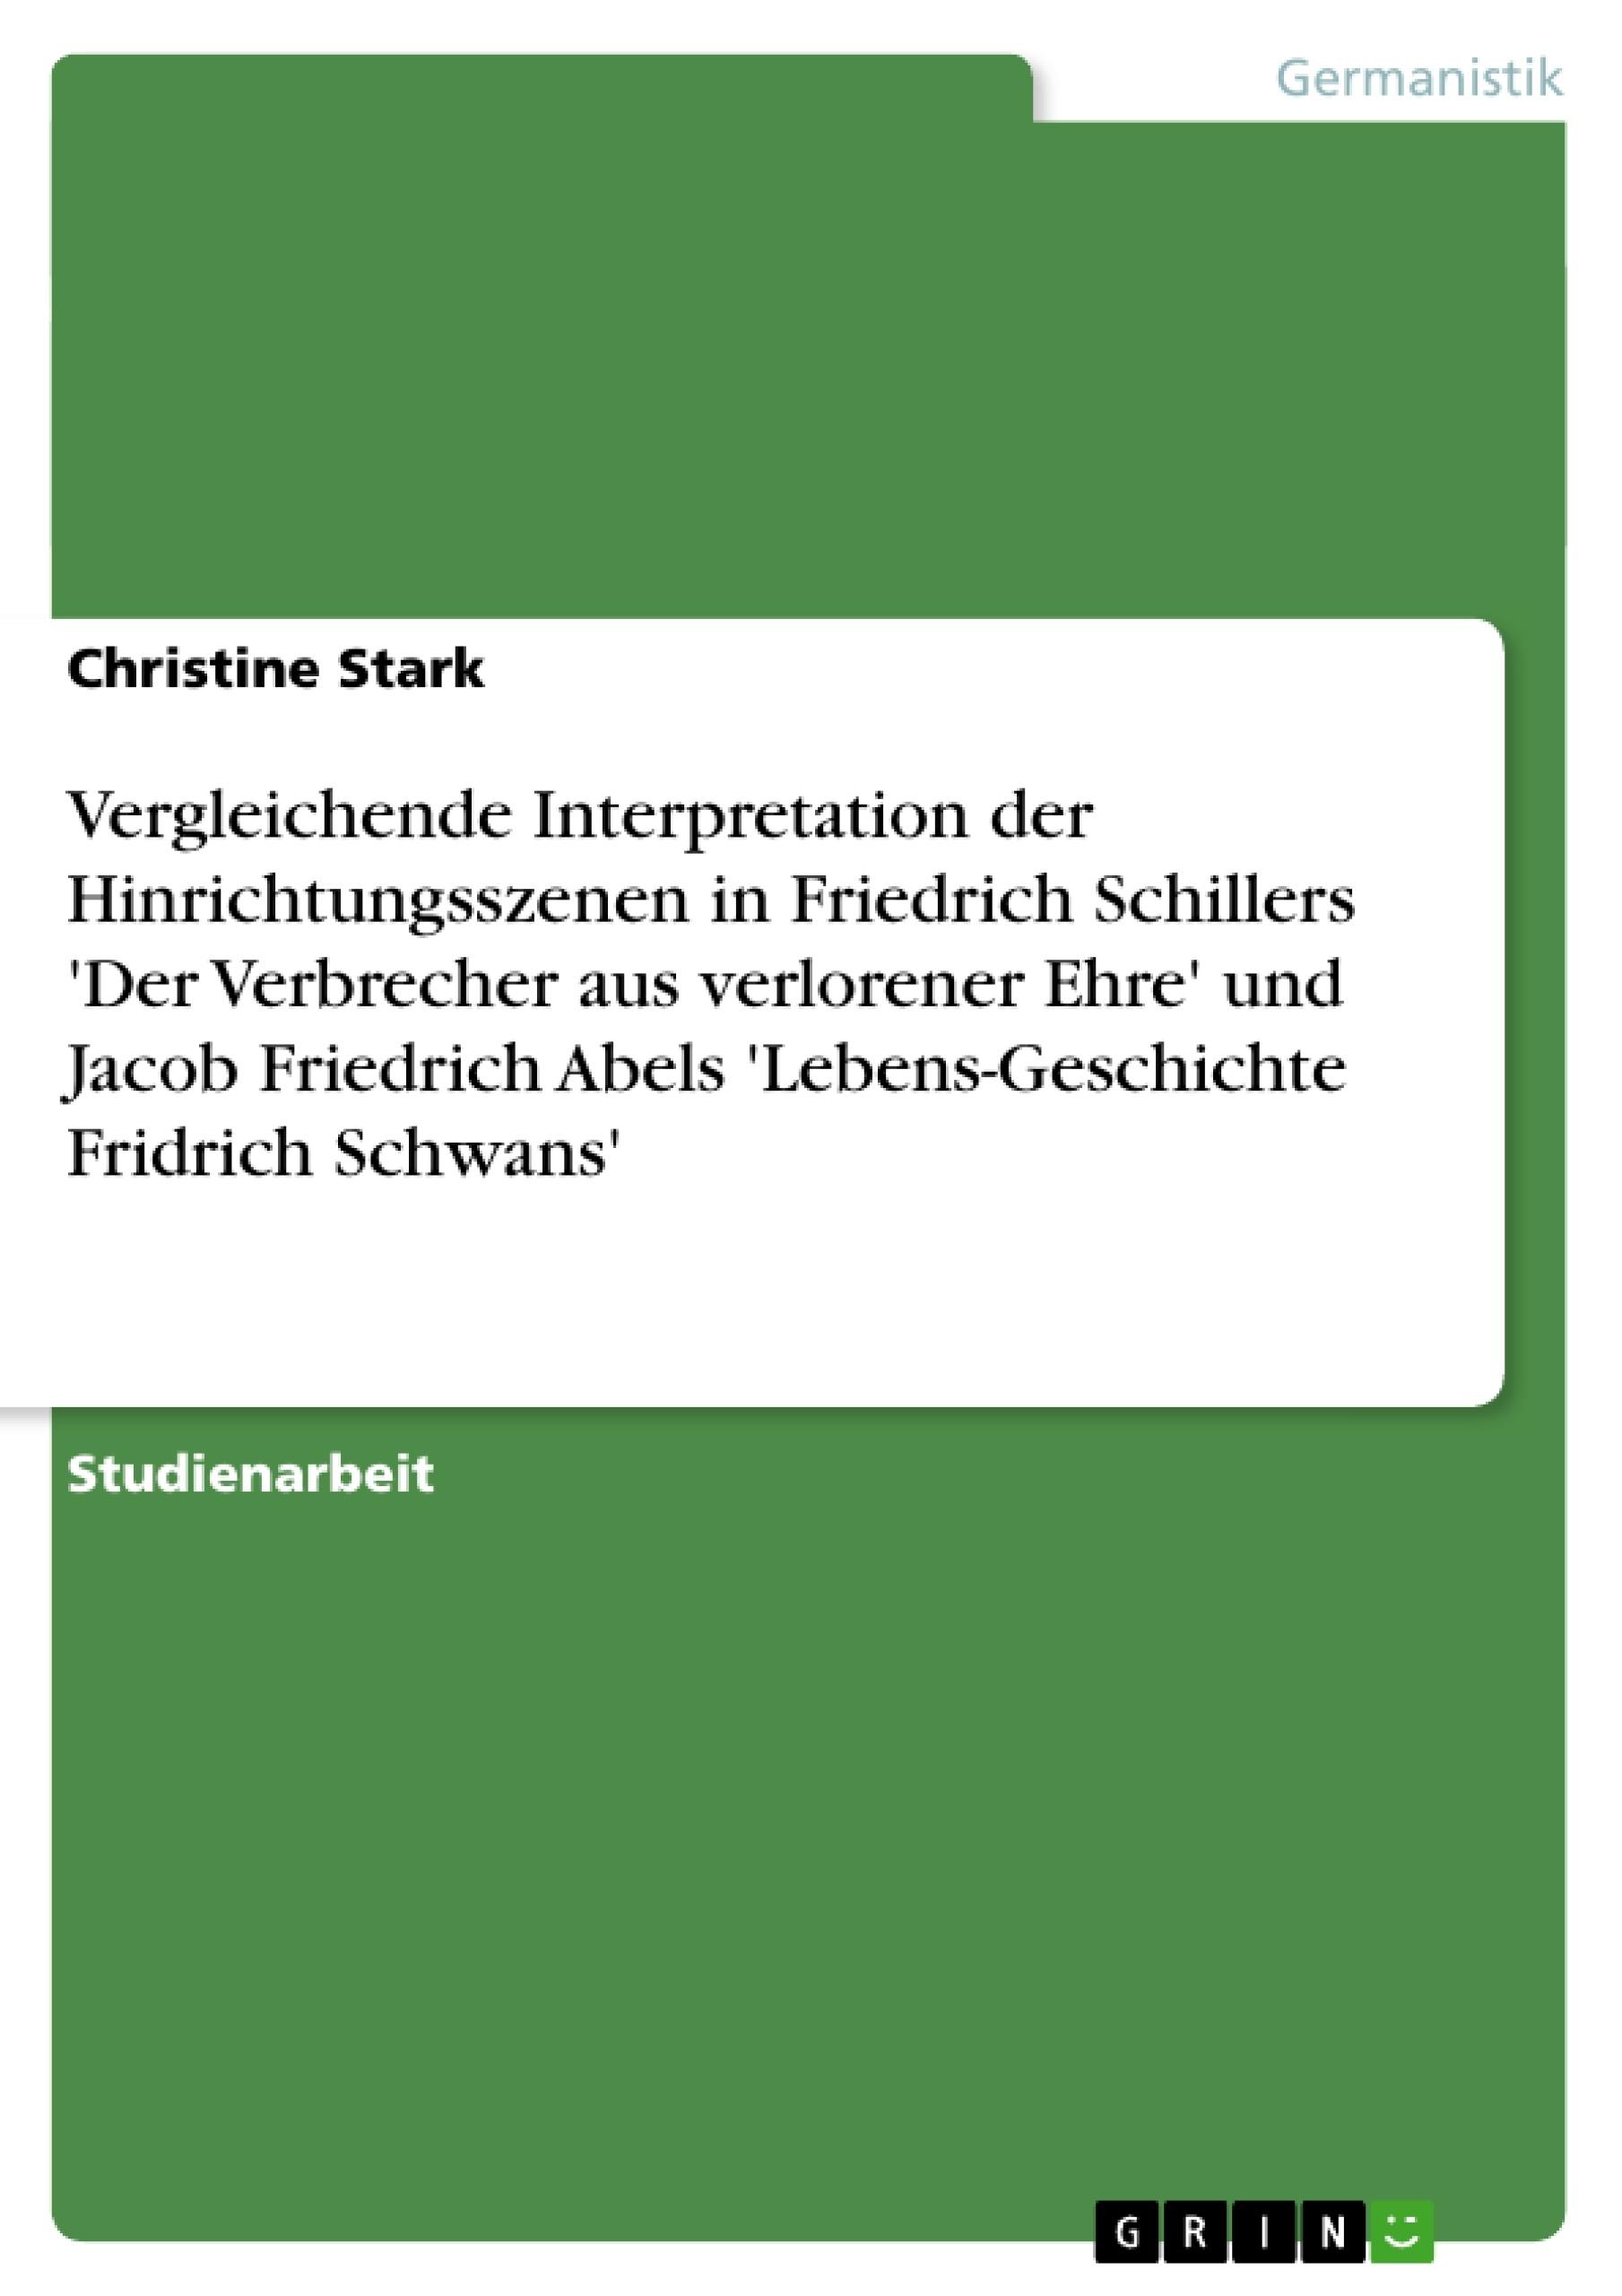 Titel: Vergleichende Interpretation der Hinrichtungsszenen in Friedrich Schillers 'Der Verbrecher aus verlorener Ehre' und Jacob Friedrich Abels 'Lebens-Geschichte Fridrich Schwans'